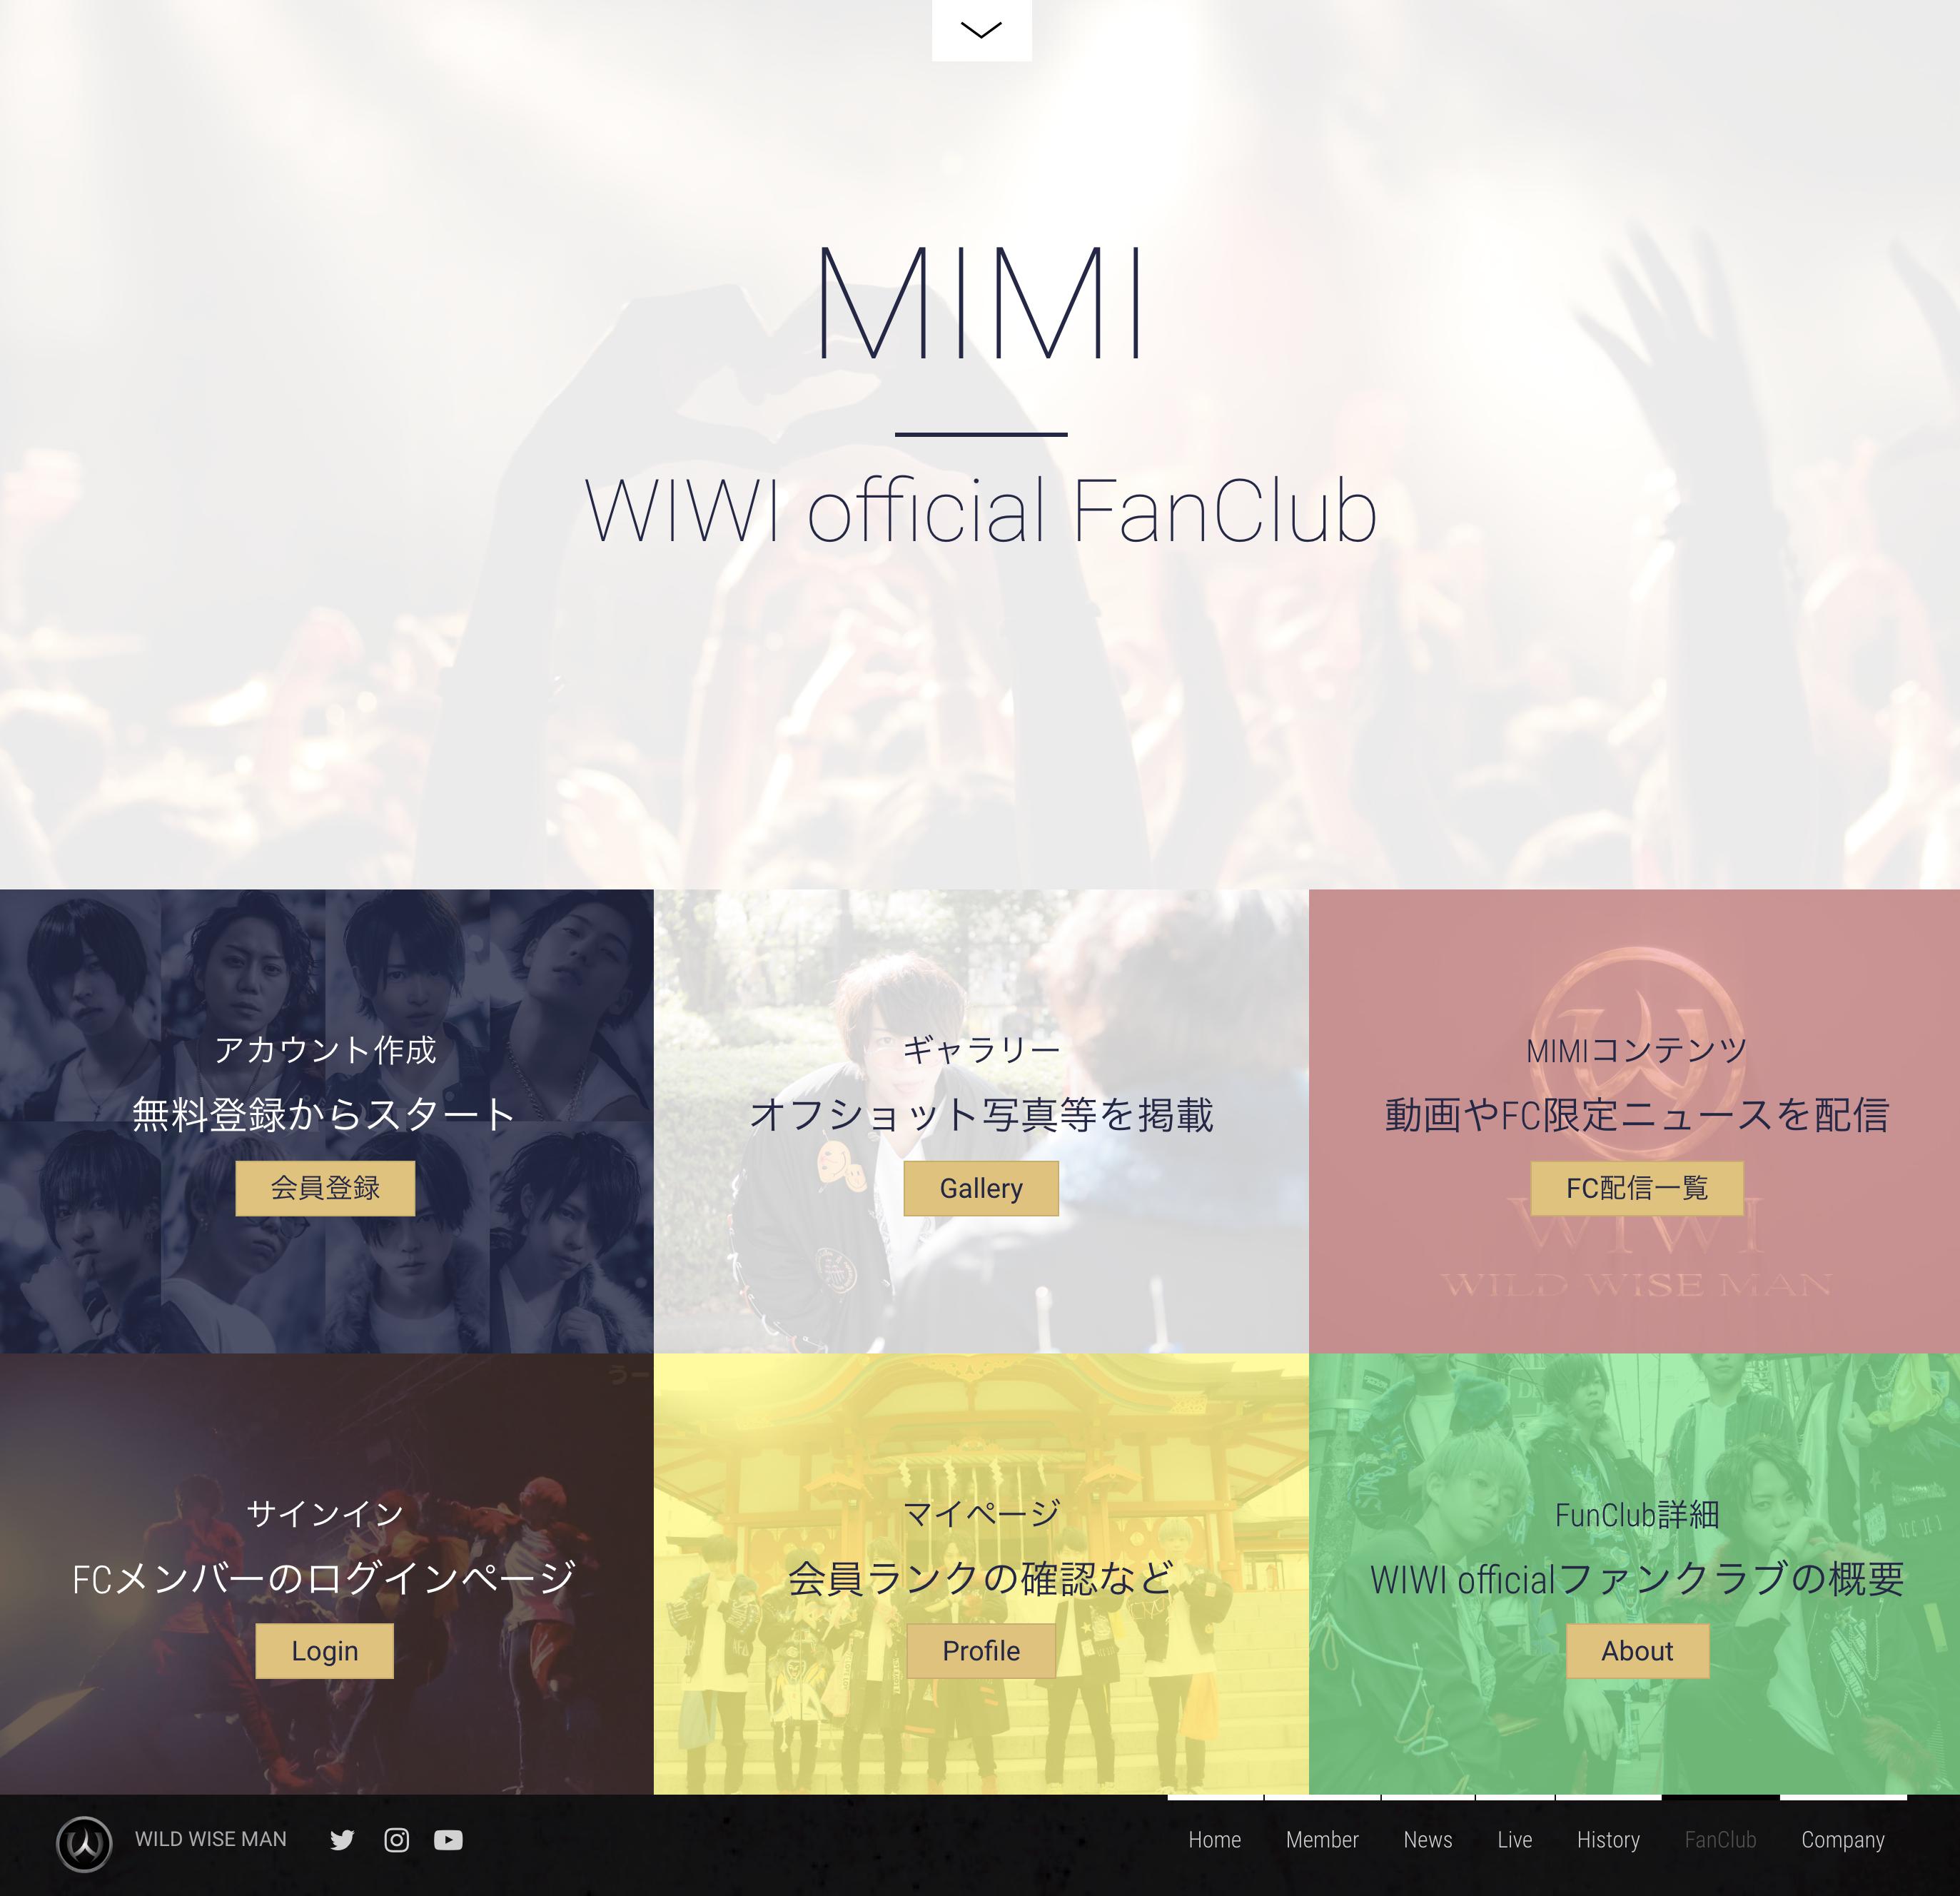 mimi_news